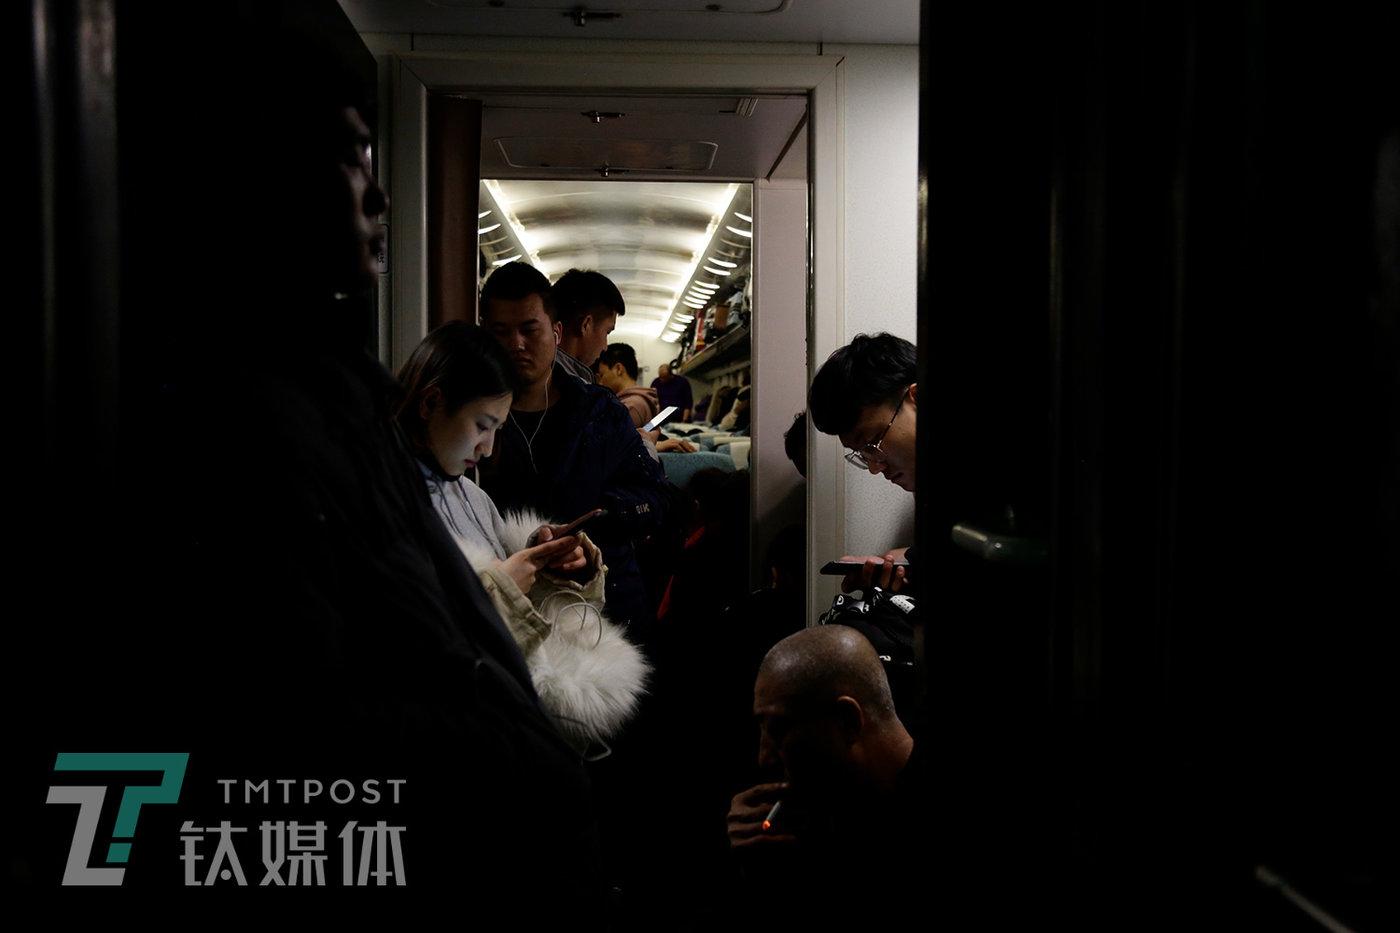 子夜,车厢站满了人,有人在闭现在养神,有人在玩手机,还有人在抽烟。列车长和乘务员多次挑醒,这趟车全列禁烟,照样有烟民在门口、厕所、过道抽烟,烟味飘到车厢,无法散去。